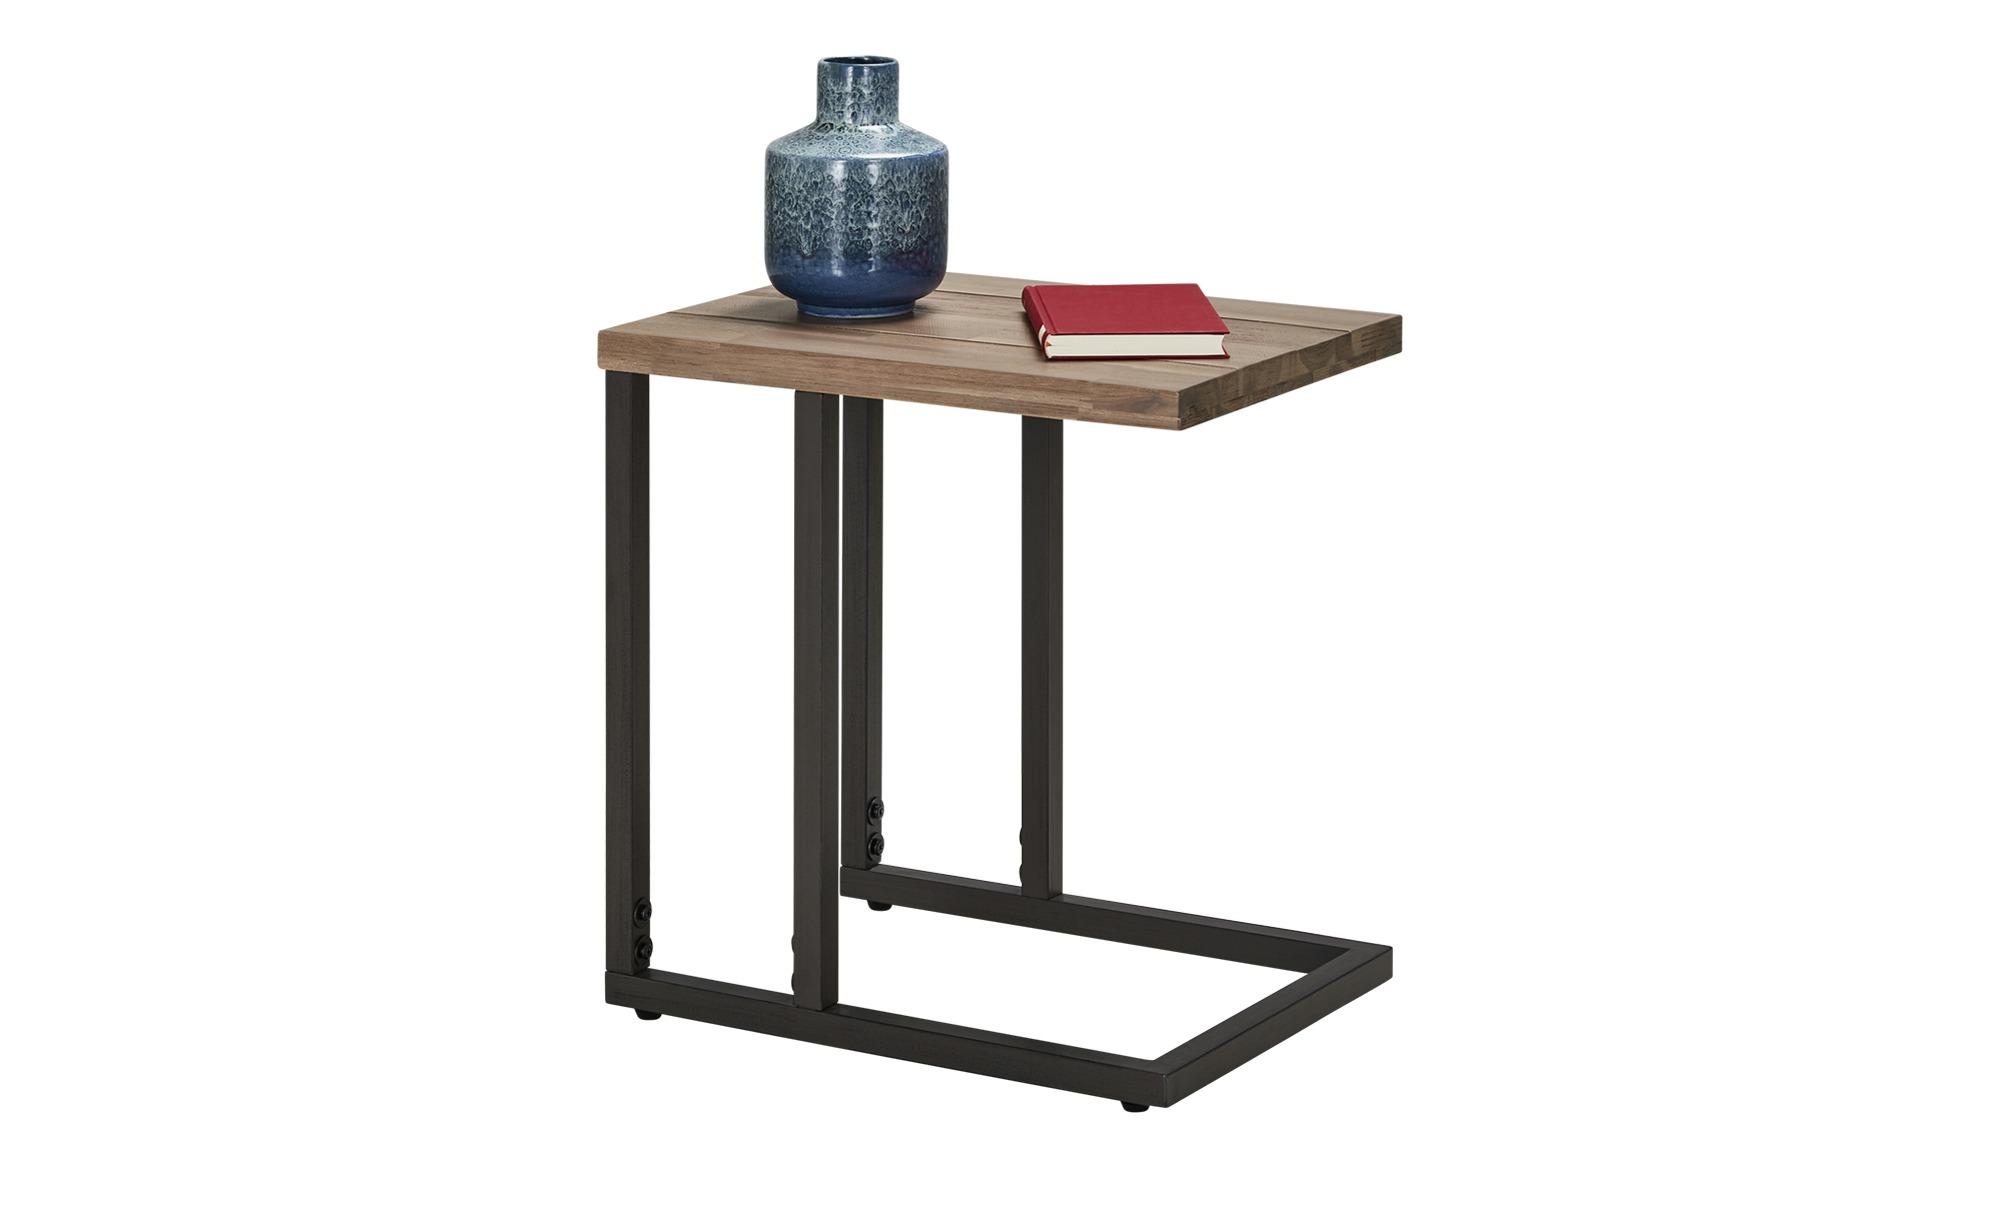 #Lapttop-Tisch  Lorica ¦ grau ¦ Maße (cm): B: 36 H: 50 Tische > Beistelltische > Beistelltische ohne Rollen – Höffner#